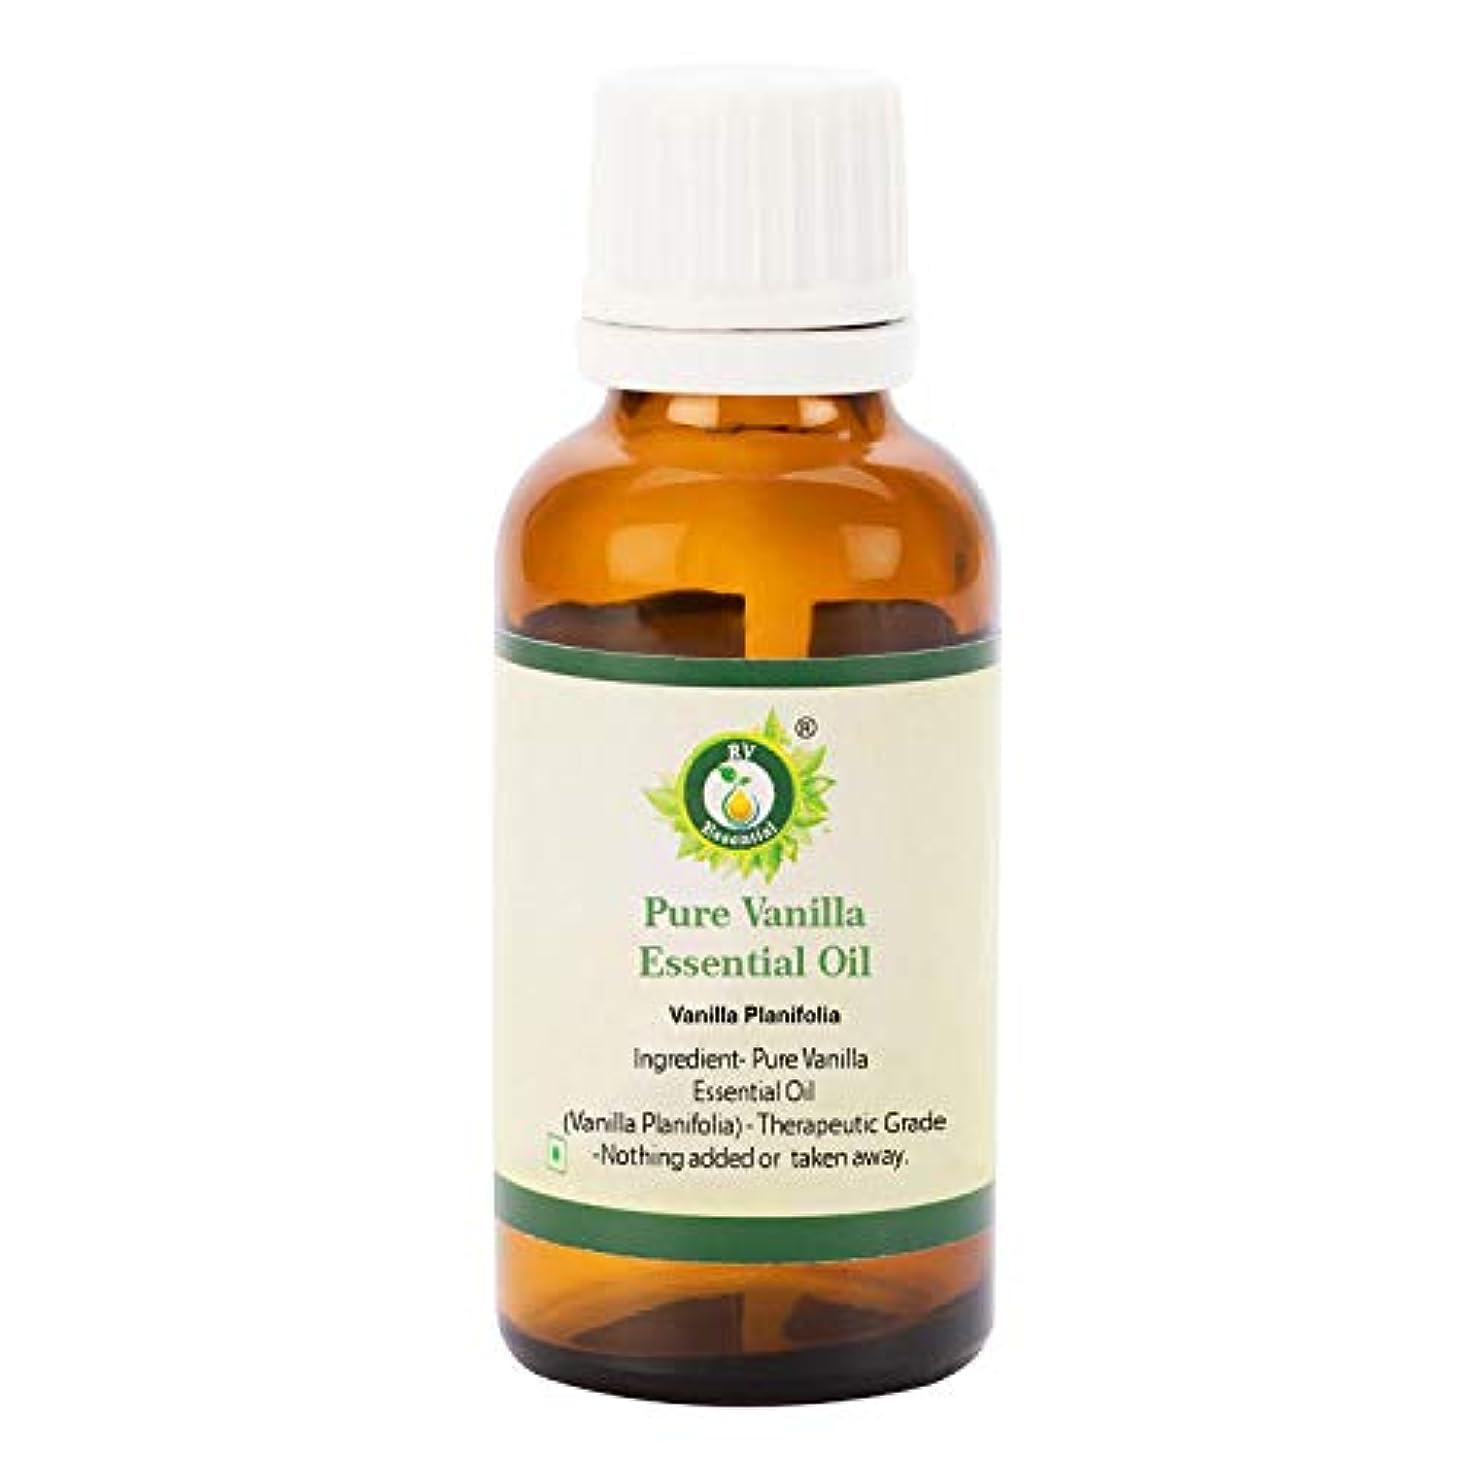 今復活南極R V Essential ピュアバニラエッセンシャルオイル50ml (1.69oz)- Vanilla Planifolia (100%純粋&天然) Pure Vanilla Essential Oil